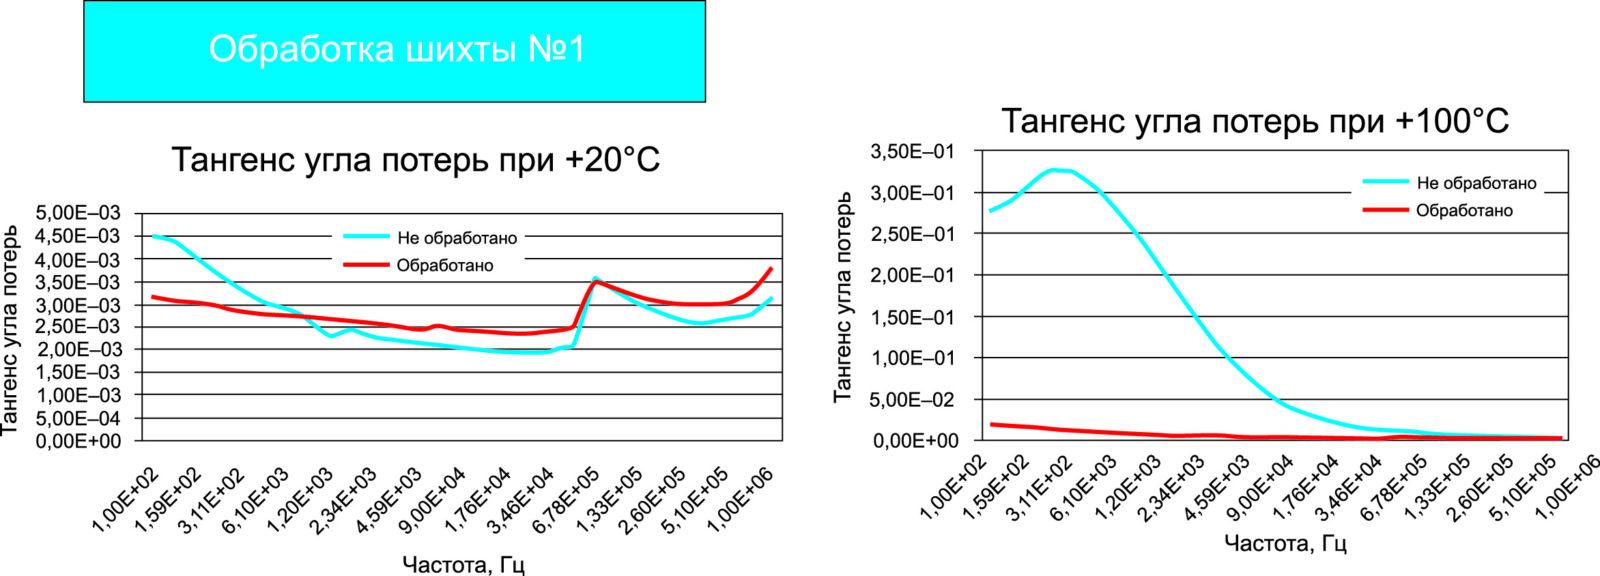 Тангенсы угла потерь обработанного и необработанного образцов шихты №1 при разных температурах